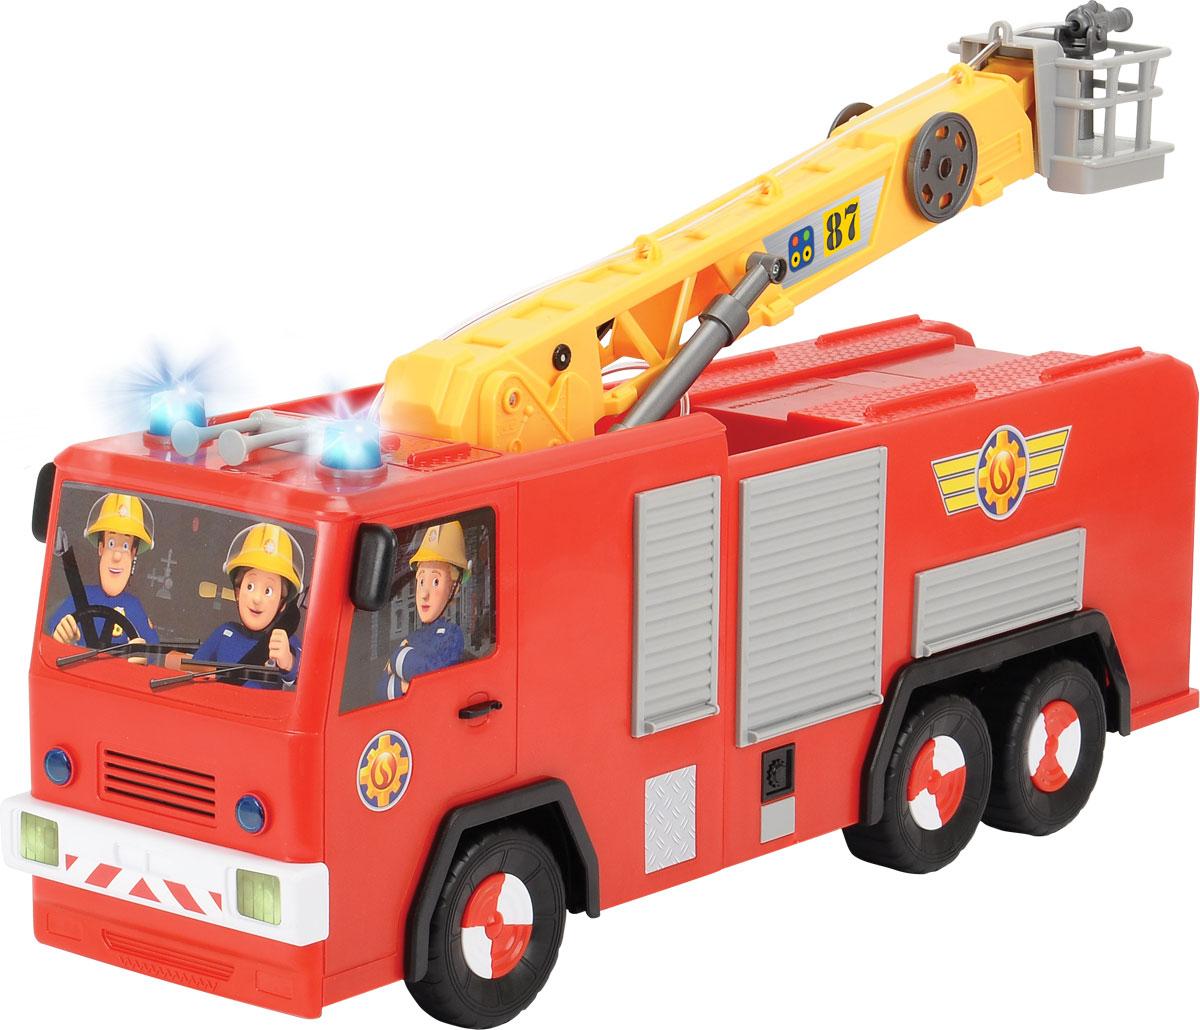 Dickie Toys Пожарная машина на дистанционном управлении Юпитер3099001Пожарная машина на дистанционном управлении Dickie Toys Юпитер - аналог машинки из популярного мультфильма Пожарный Сэм обязательно порадует вашего ребенка и подарит ему множество веселых игр и положительных эмоций. Выполненная из высококачественного безопасного пластика игрушка отличается большим размером и оснащена действующим водометом. Ребенок сможет залить в специально предназначенный резервуар настоящую воду и тушить воображаемые пожары. Машина может двигаться вперед, назад, вправо, влево, останавливаться. Кран машины поднимается и поворачивается вокруг своей оси. Машинка управляется при помощи пульта дистанционного управления (в комплекте). Пульт присоединен с помощью провода; игра с краном осуществляется только на расстоянии, равном длине провода. Порадуйте своего малыша таким замечательным подарком! Для работы игрушки необходимы 6 батареек АА напряжением 1,5V (в комплект входят 2 демонстрационные).